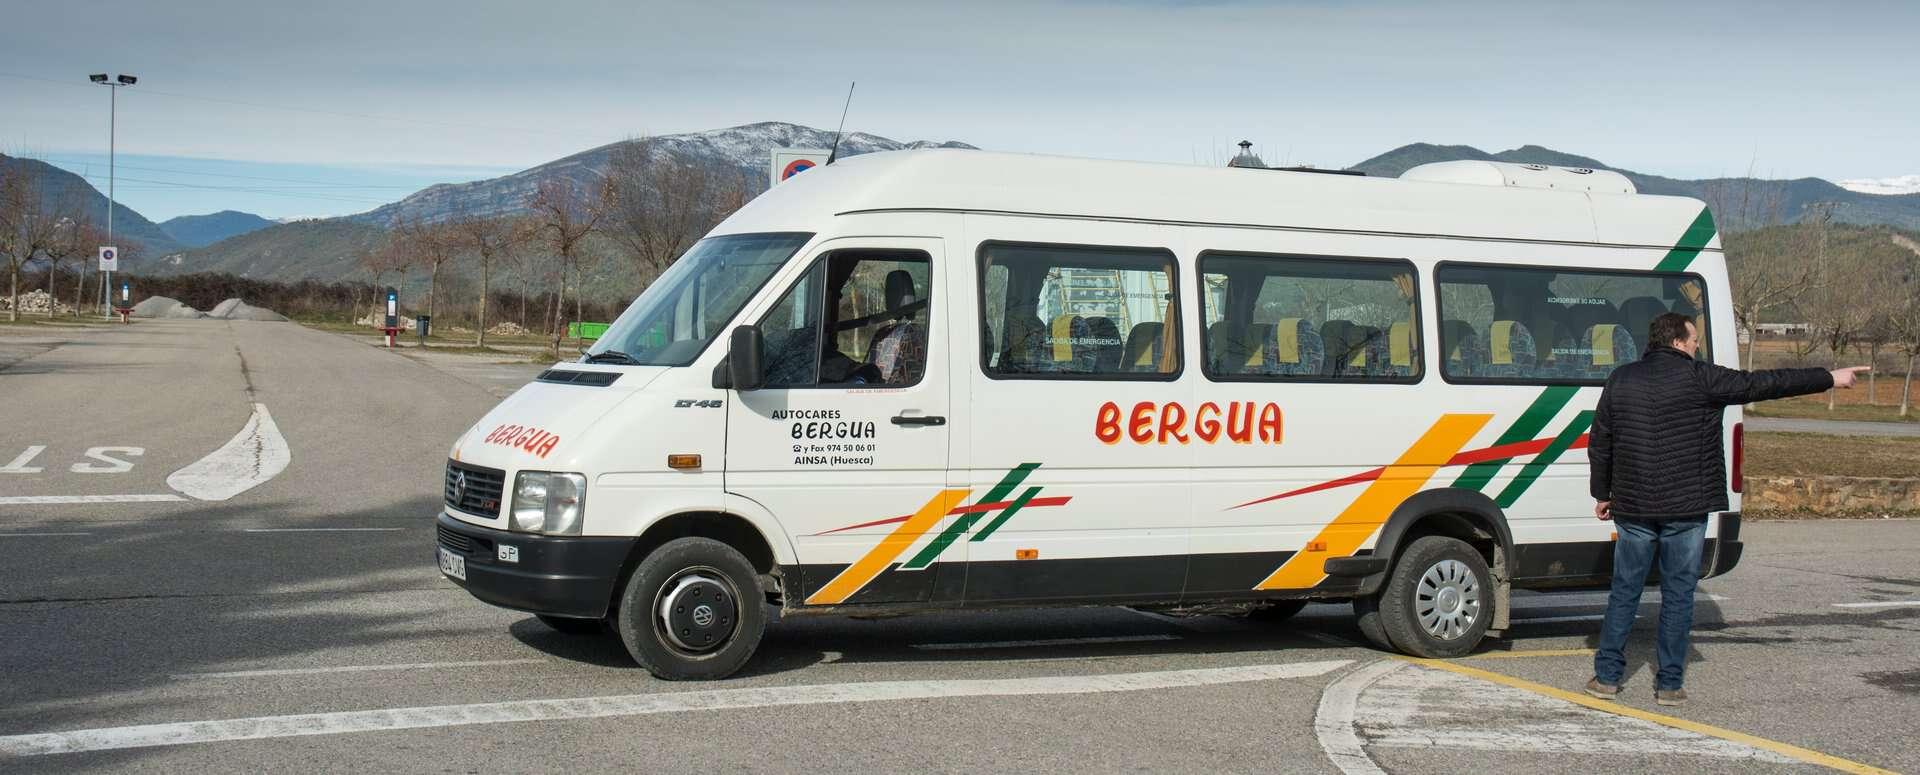 4884CVG Bergua